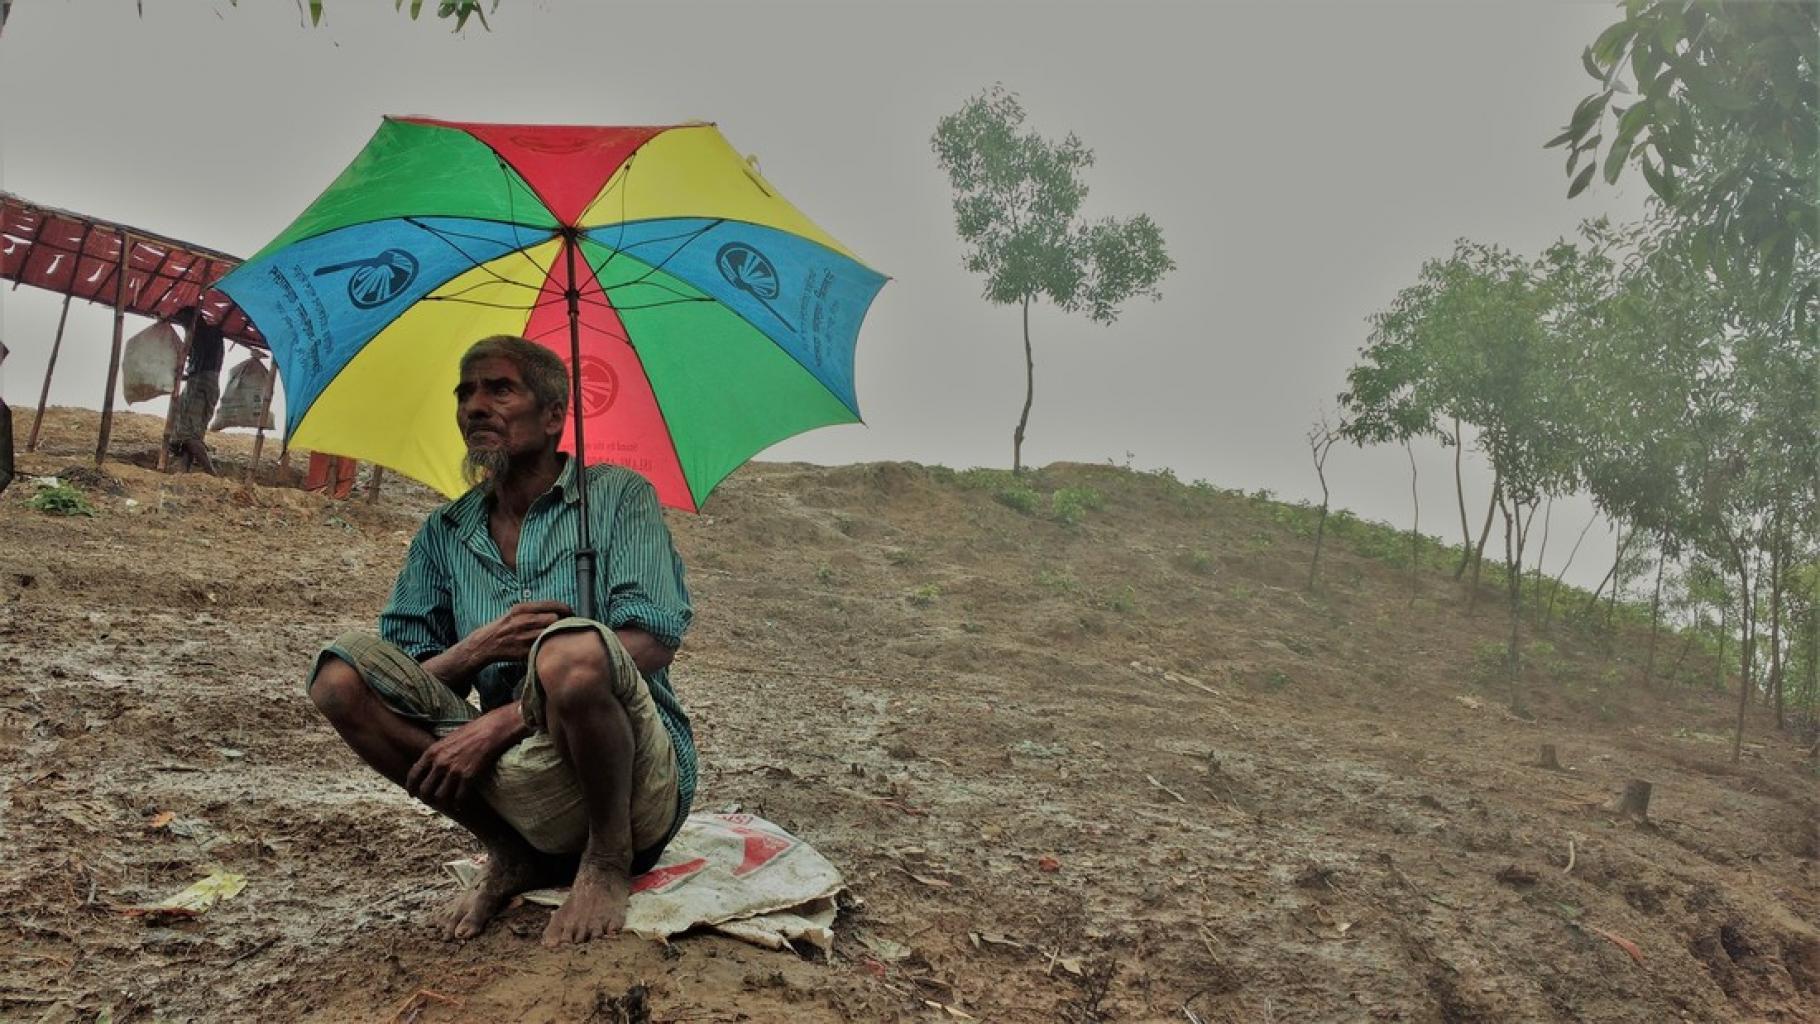 Rohingya-Mann mit Regenschirm auf Hügel